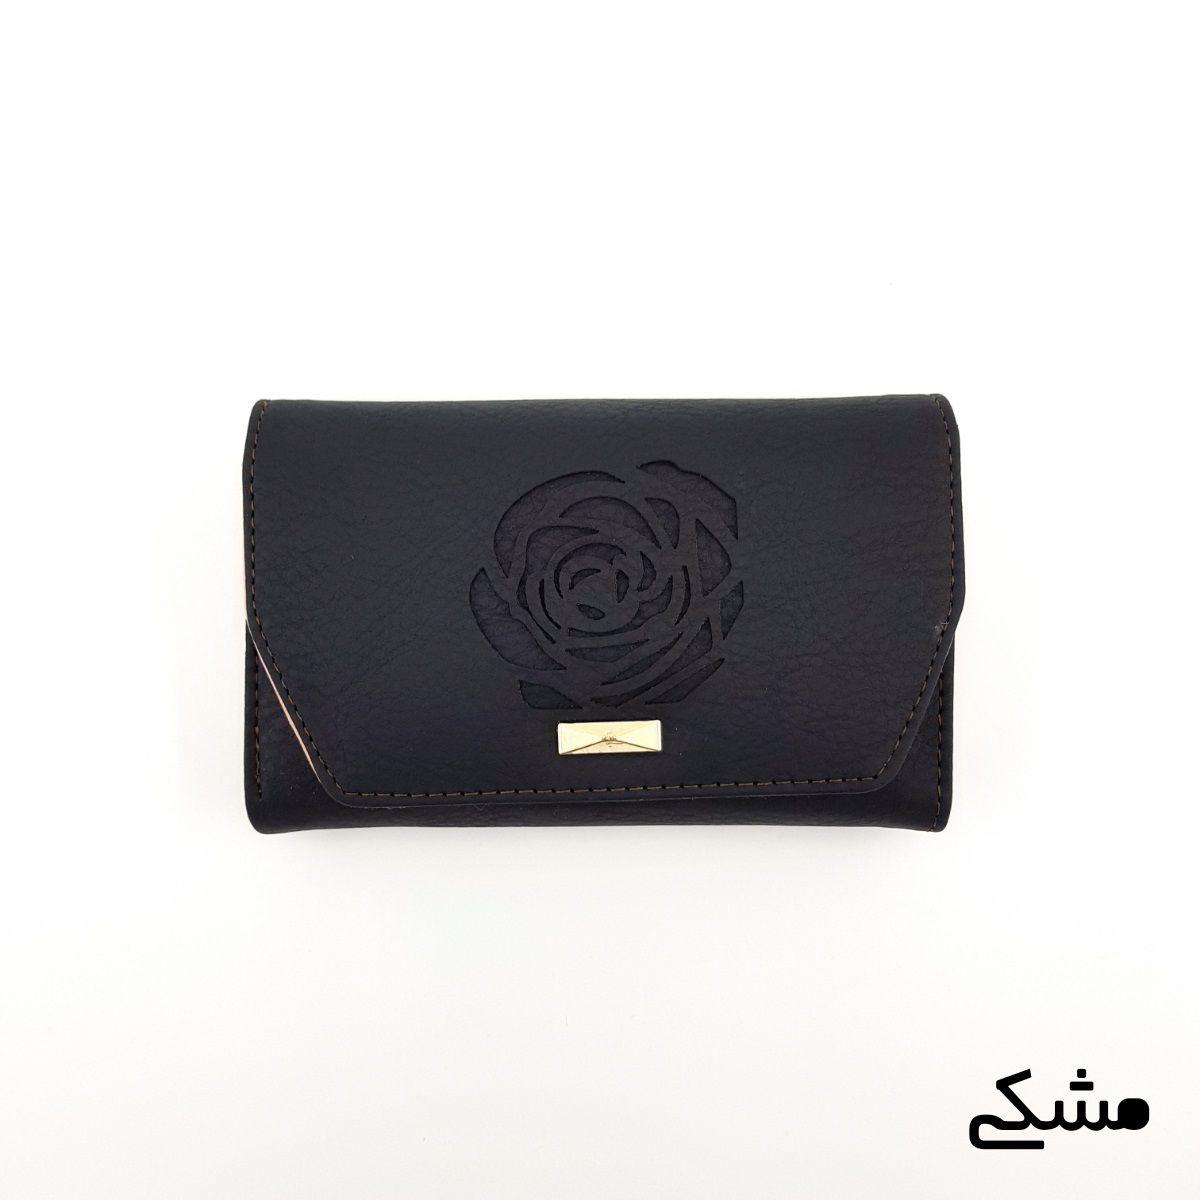 کیف پول زنانه طرح گل رز -  - 9